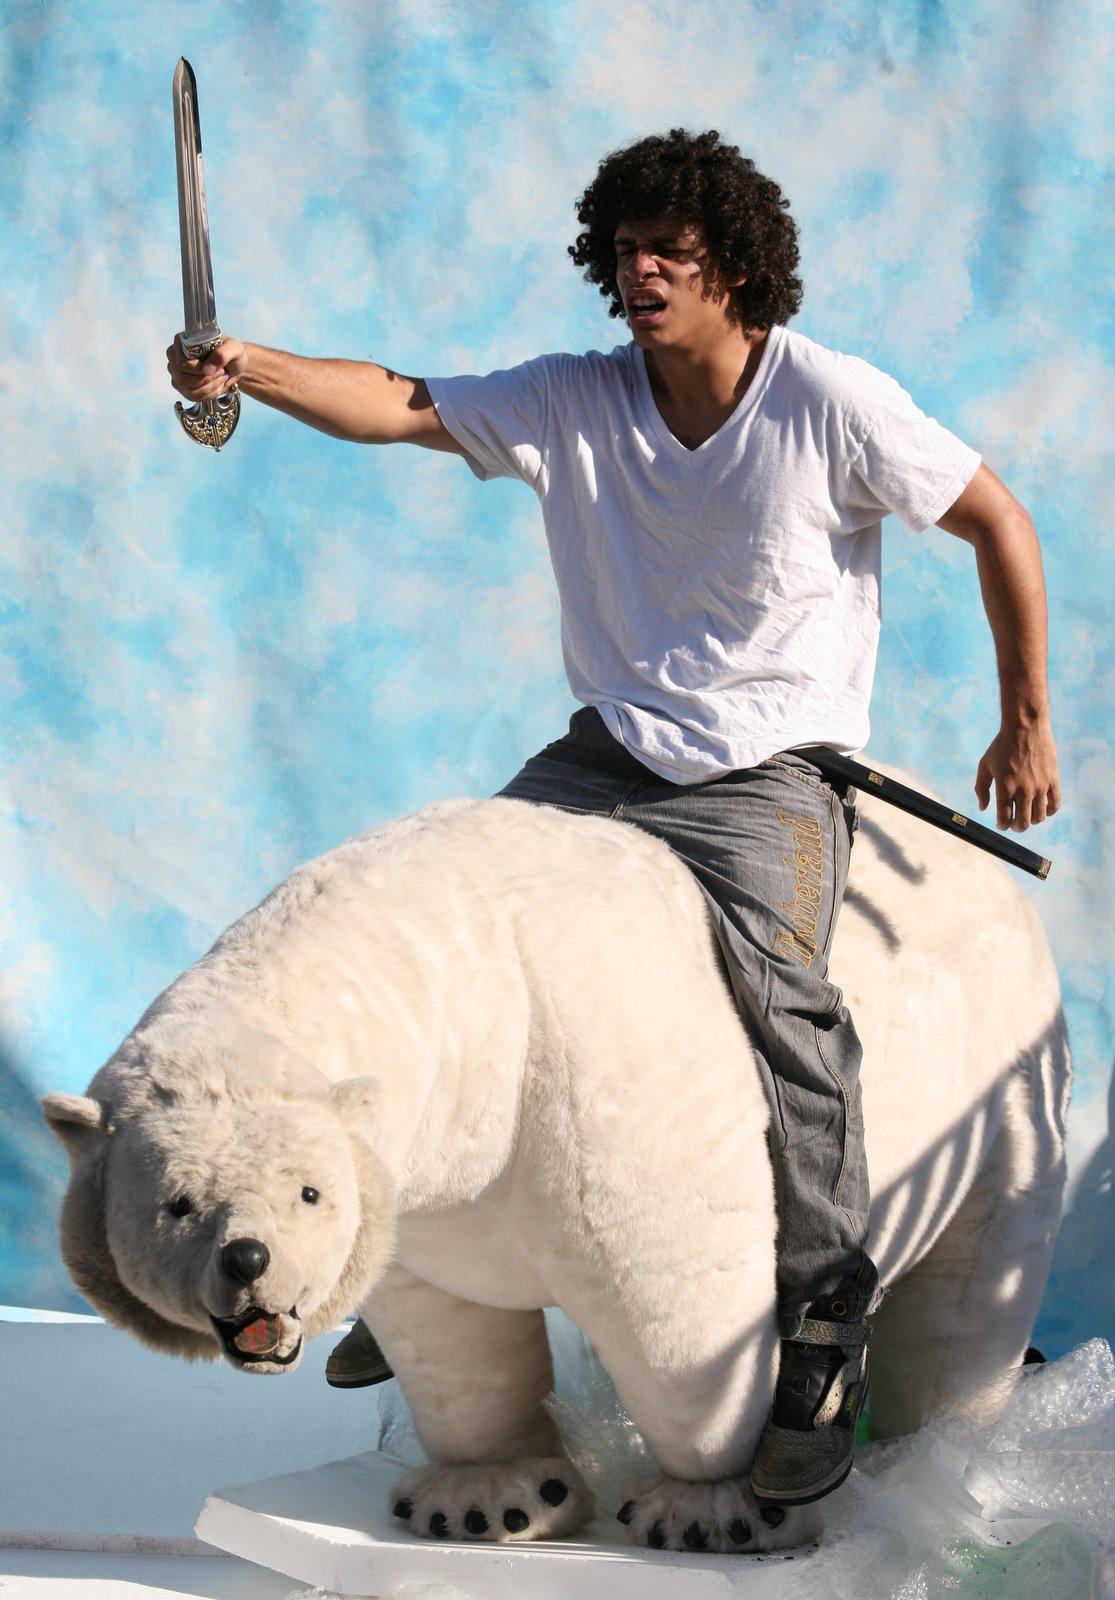 Alderton Photography The Polar Bear Rider